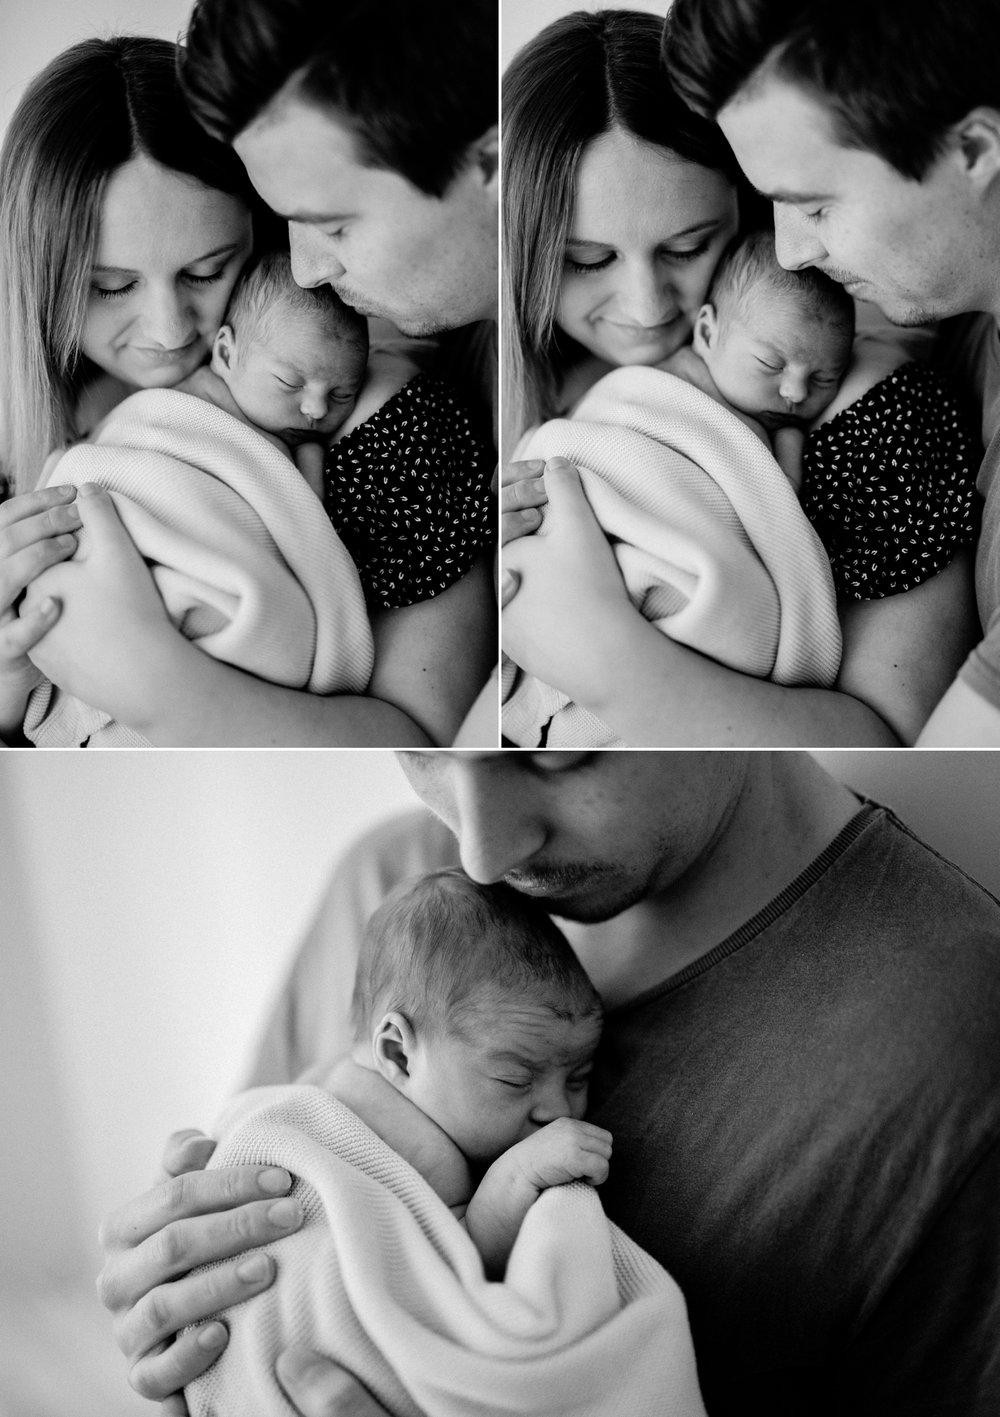 Baby Zaidee - Natural Newborn Photography in Adelaide - Simple Newborn Photography - Beautiful Newborn Photography - Katherine Schultz - www.katherineschultzphotography.com_0014.jpg